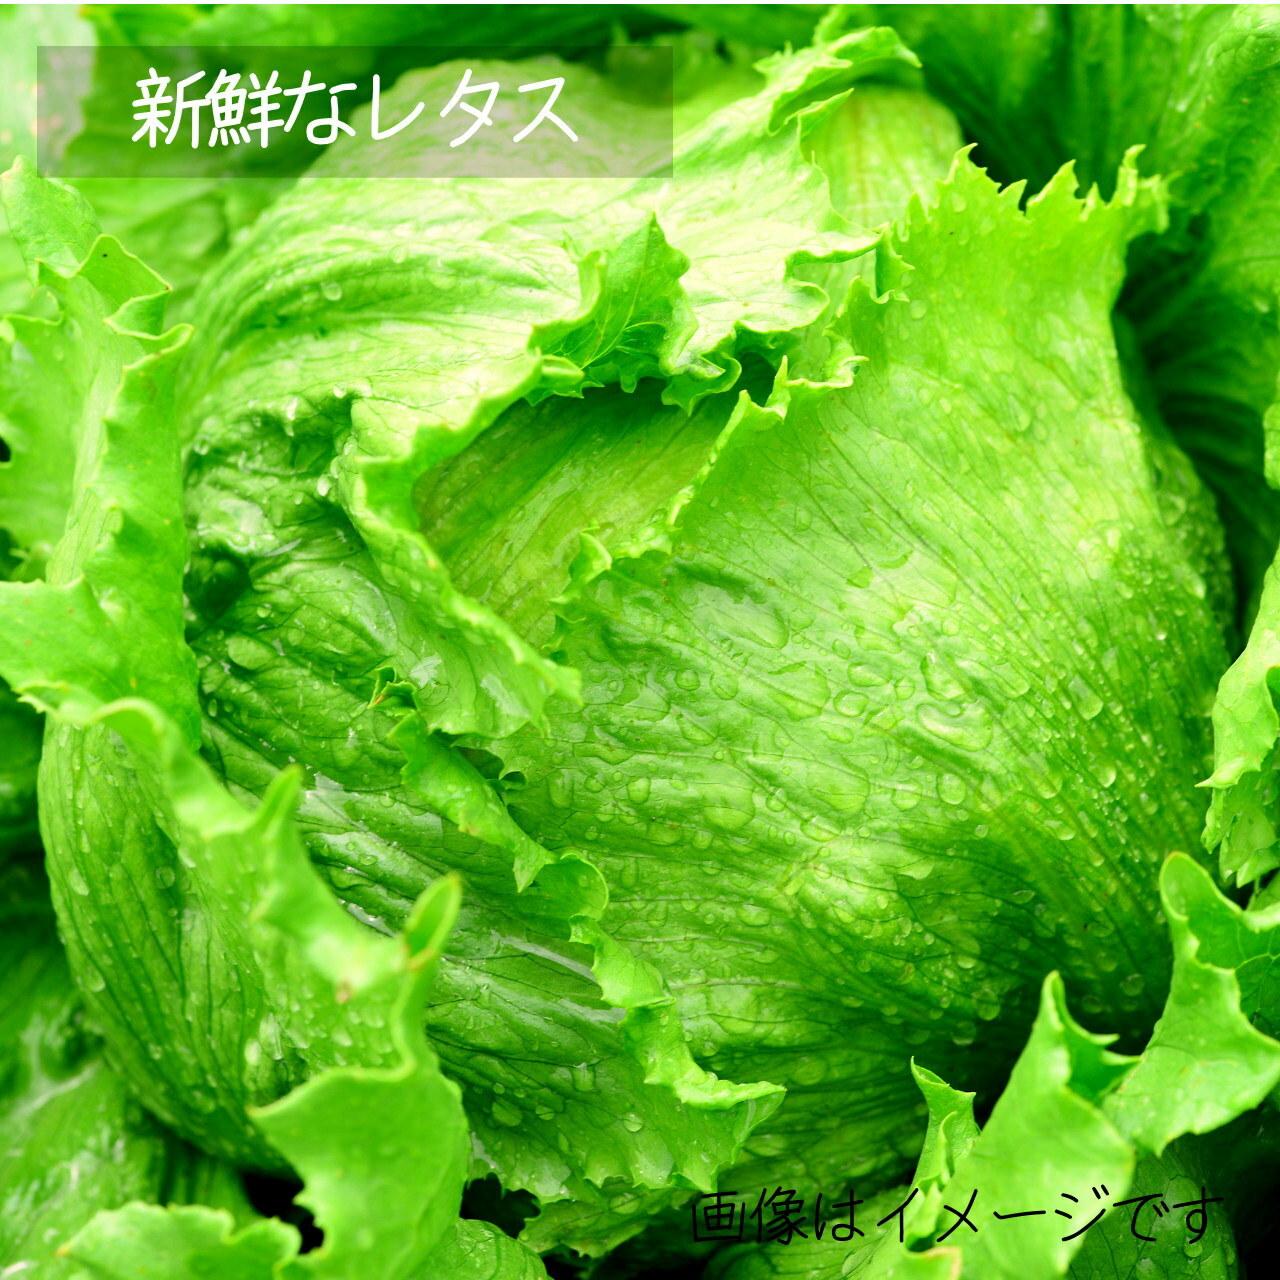 7月の新鮮野菜 :レタス 1個 : 朝採り直売野菜 7月6日発送予定